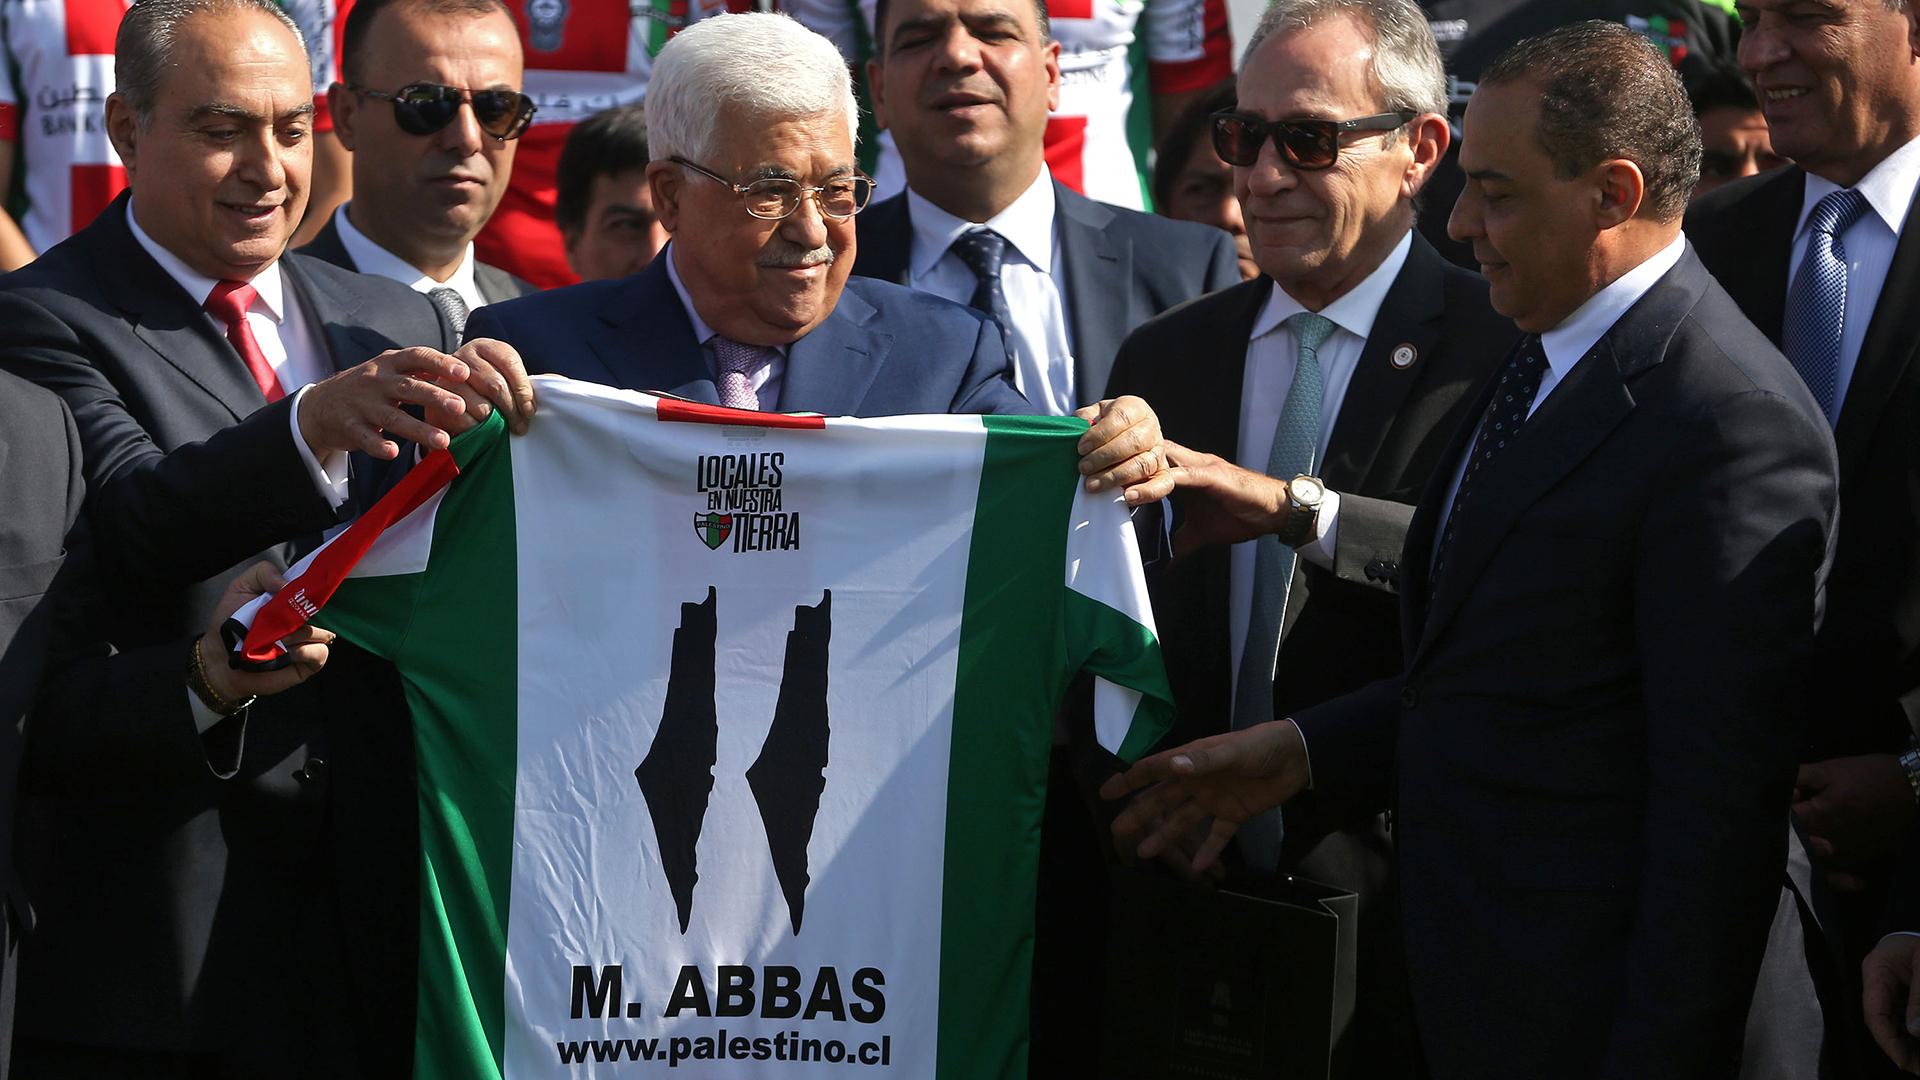 Mahmud Abbas Palestino